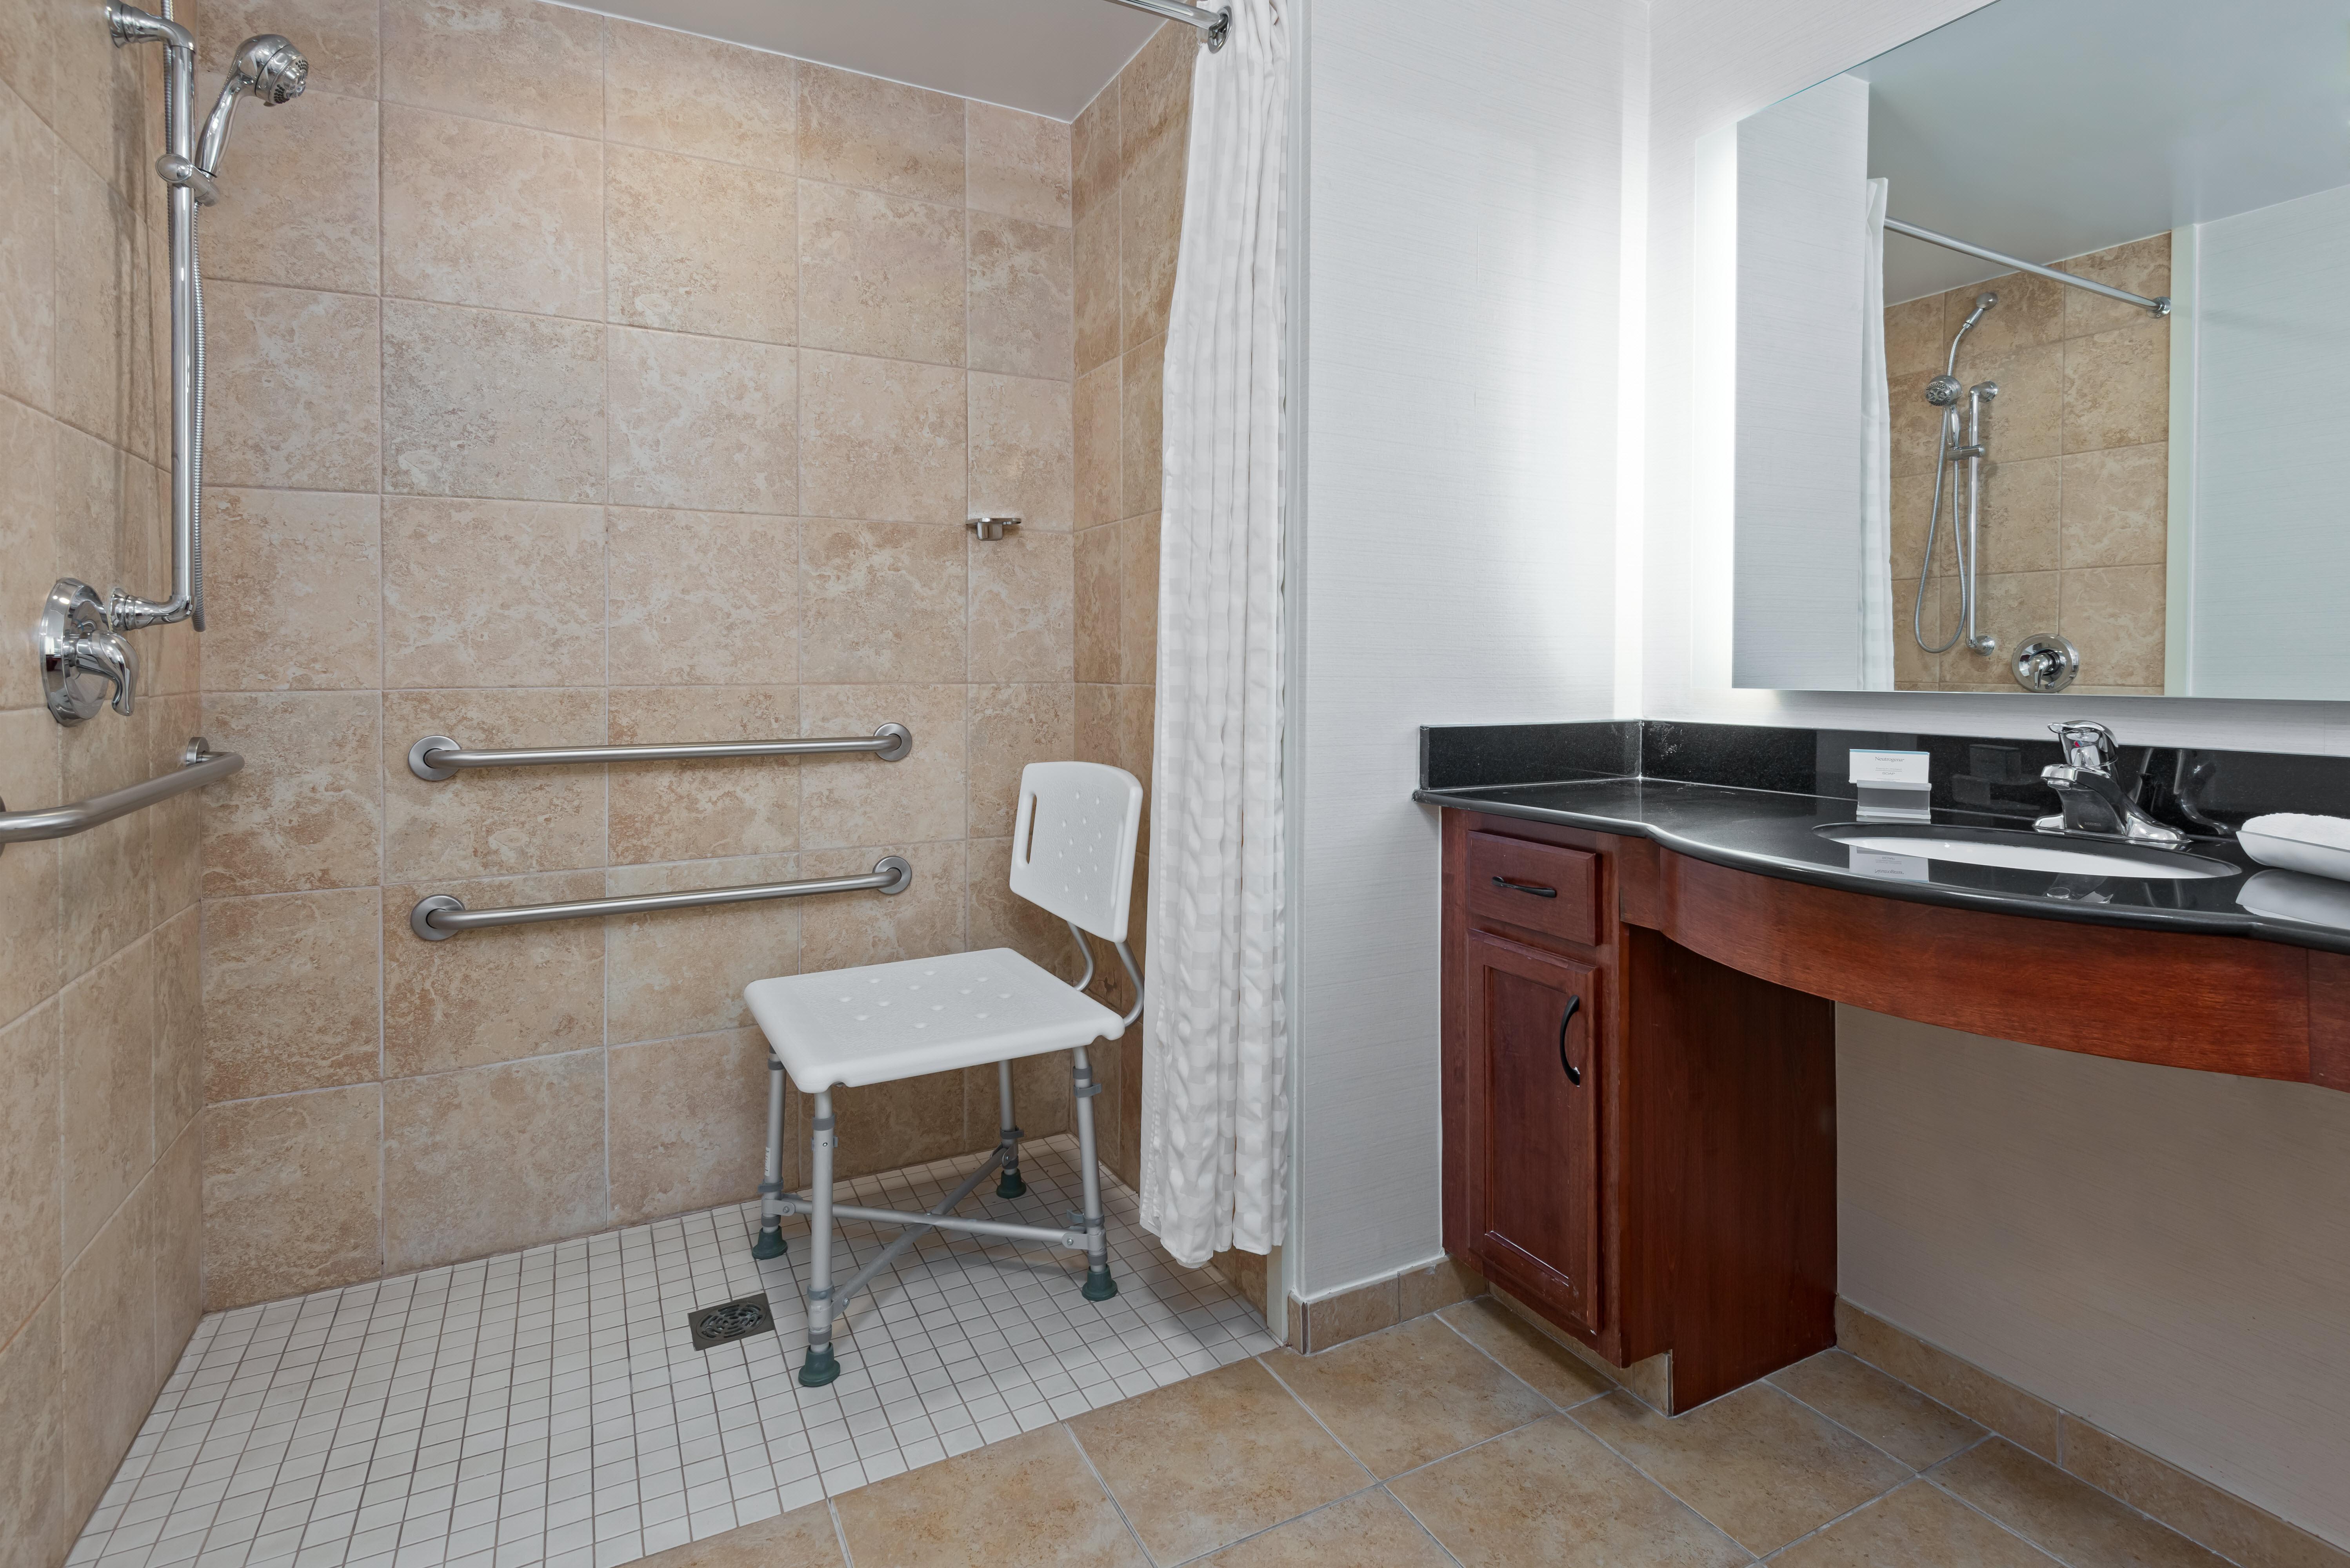 Homewood Suites by Hilton Cleveland-Beachwood image 35